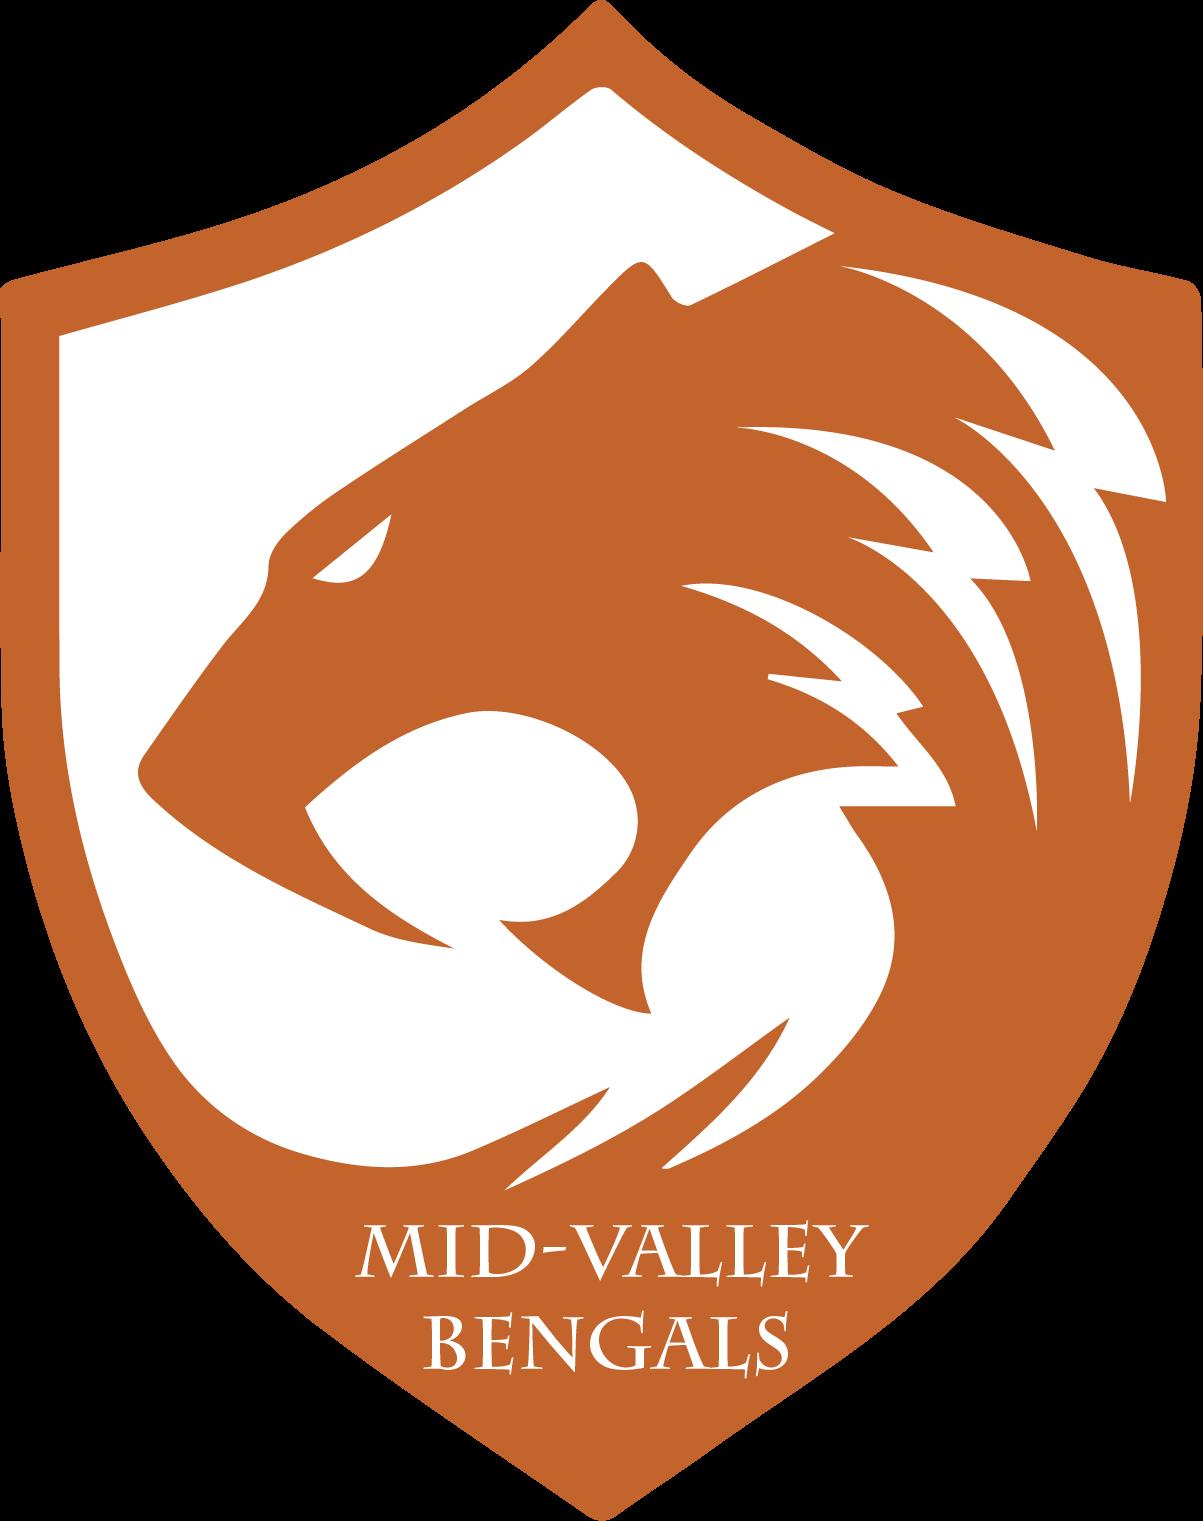 Mid Valley Bengals